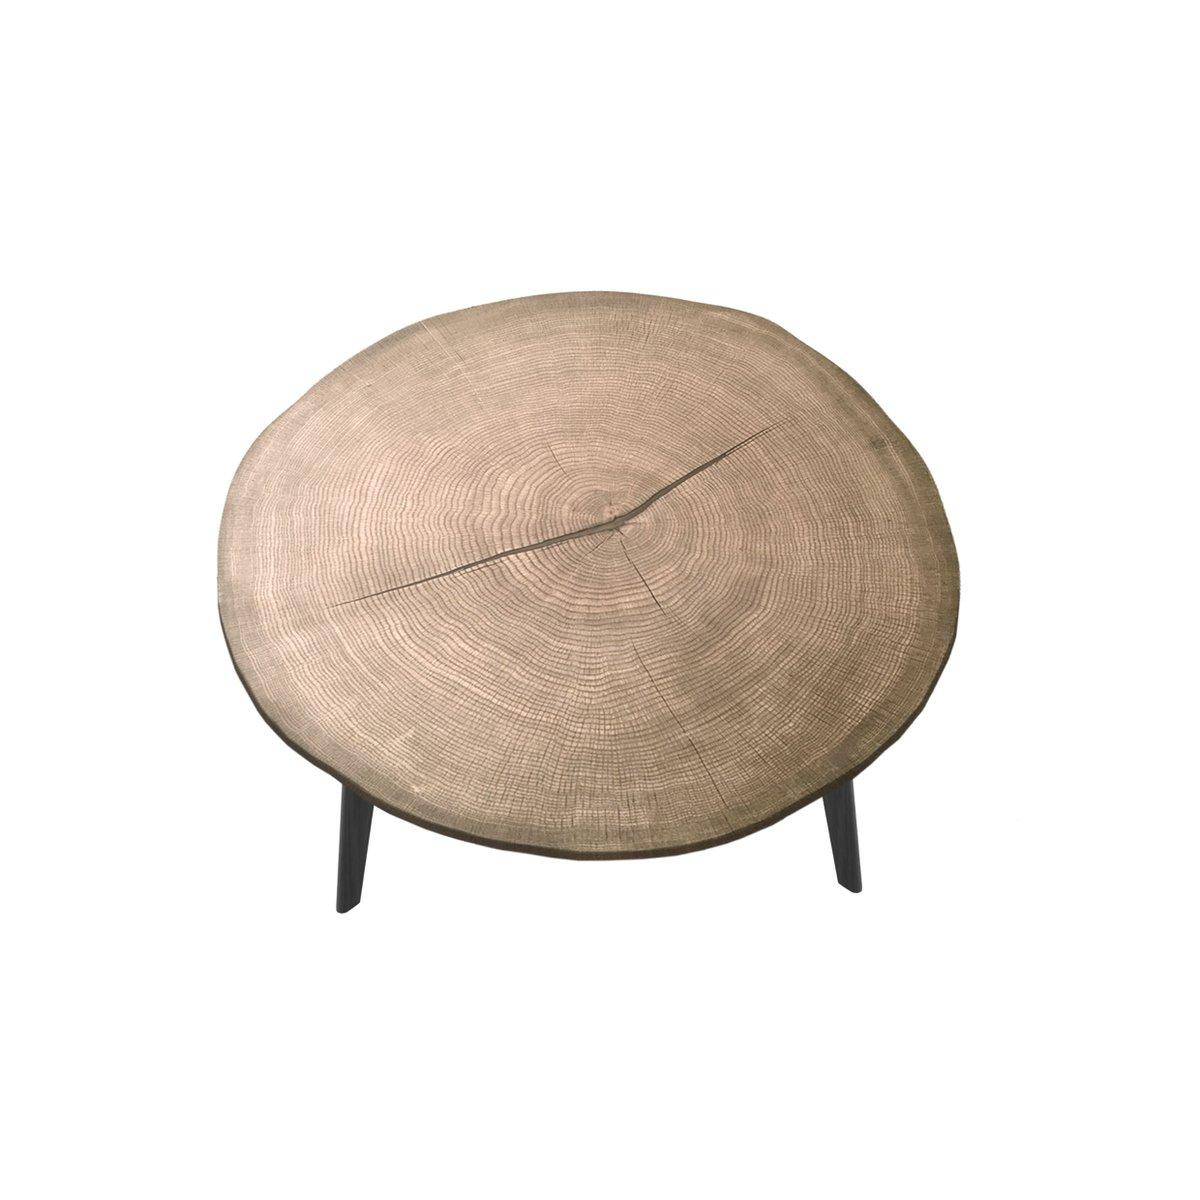 Großer LESCA Couchtisch mit Tischplatte aus natürlicher Eiche & schwar...